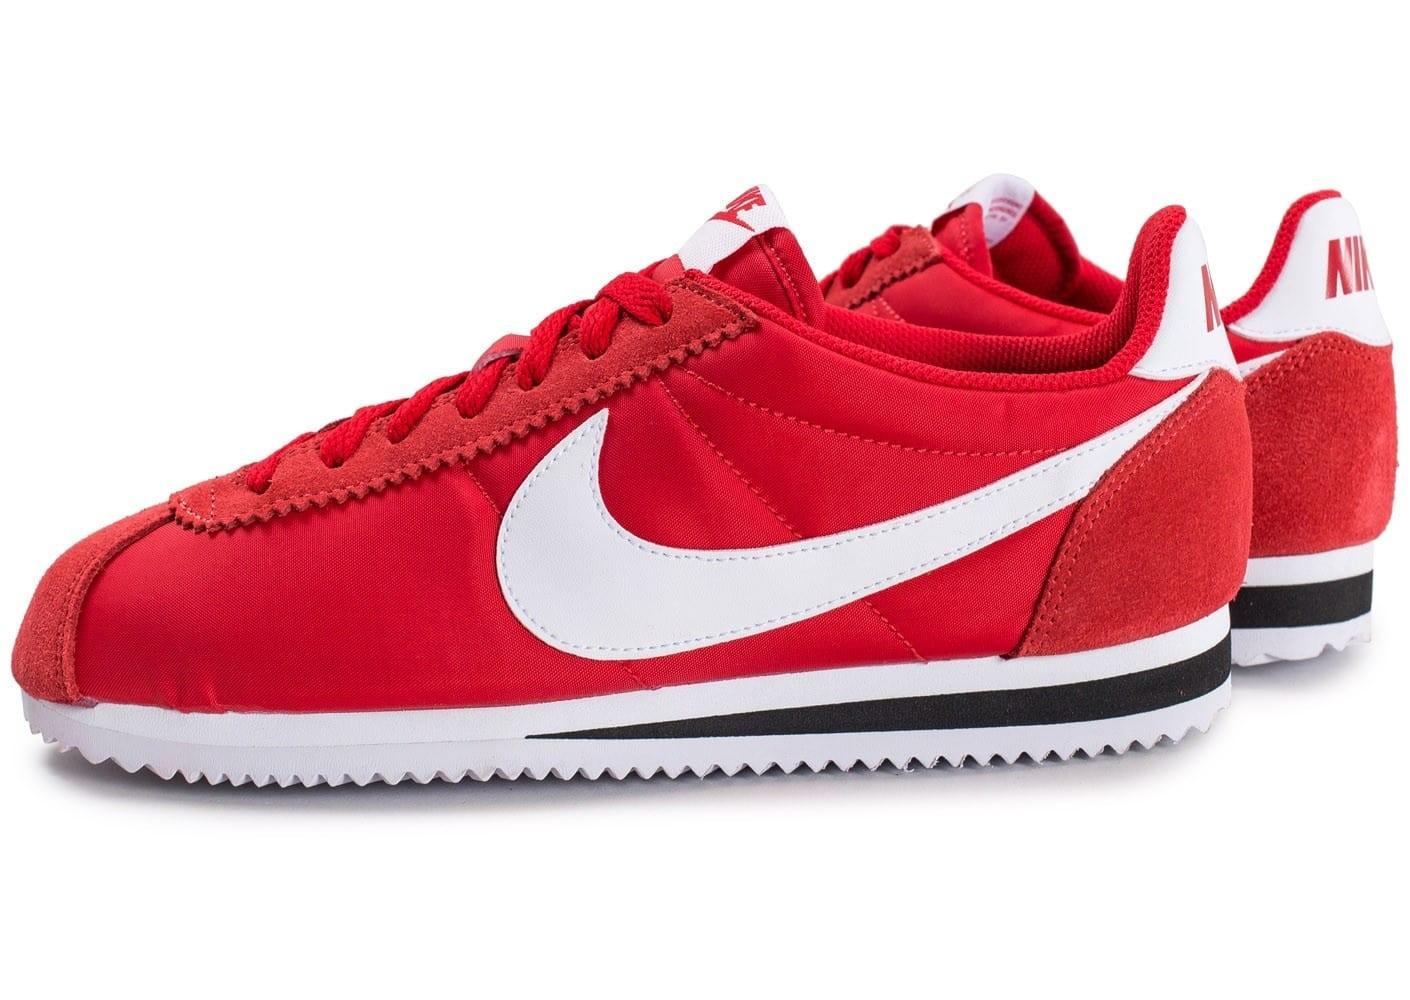 Rouge Nike HommePlein Livraison Gratuite 99 Vente rCxshdtQ